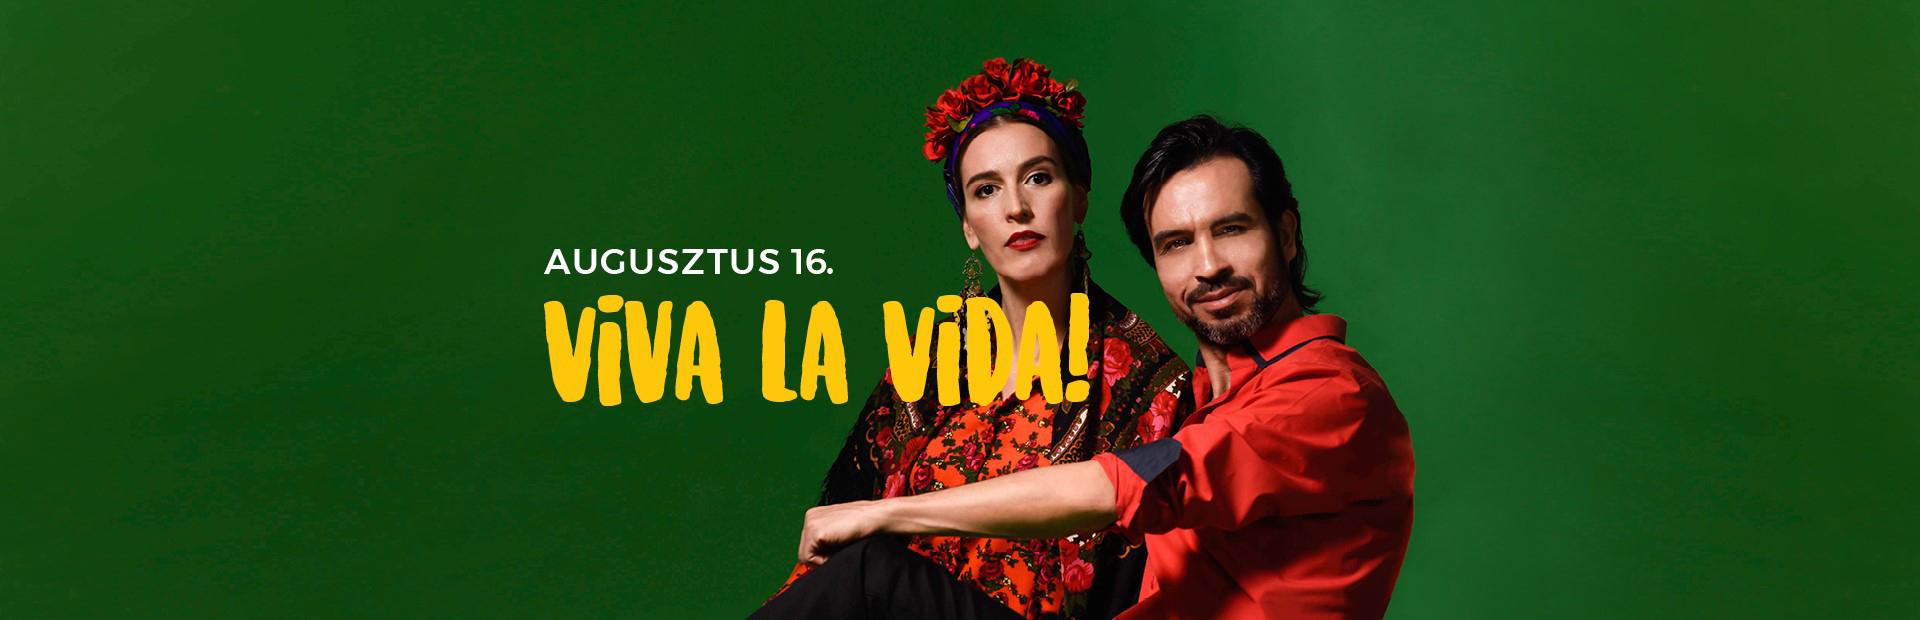 Szerelem és szenvedély - Volver La Vida koncert - augusztus 16.